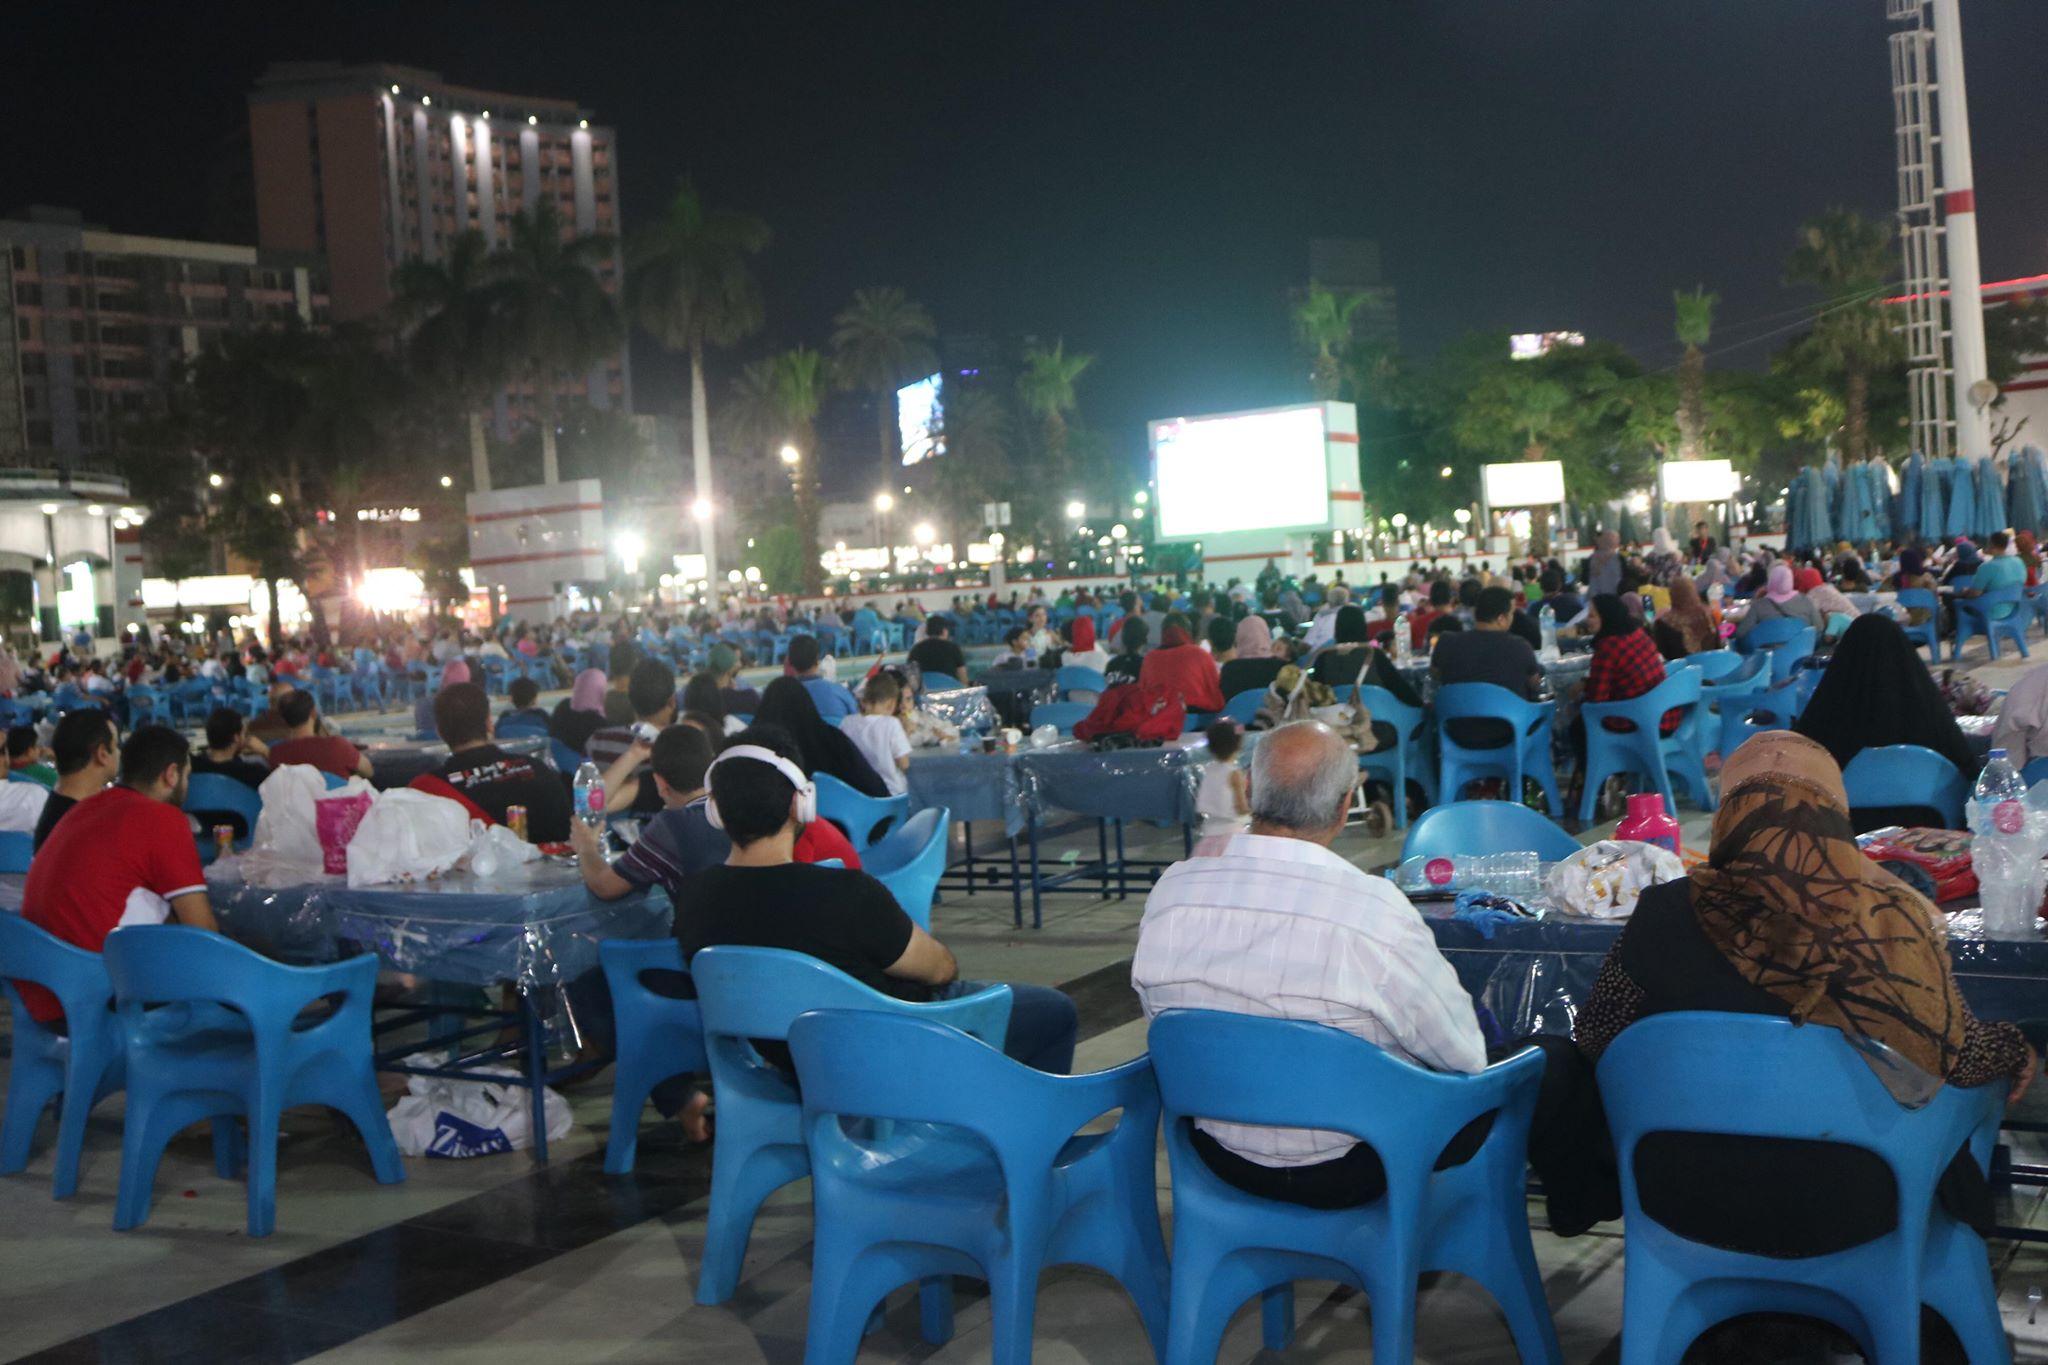 أعضاء الزمالك يتابعون مباراة مصر والكونغو